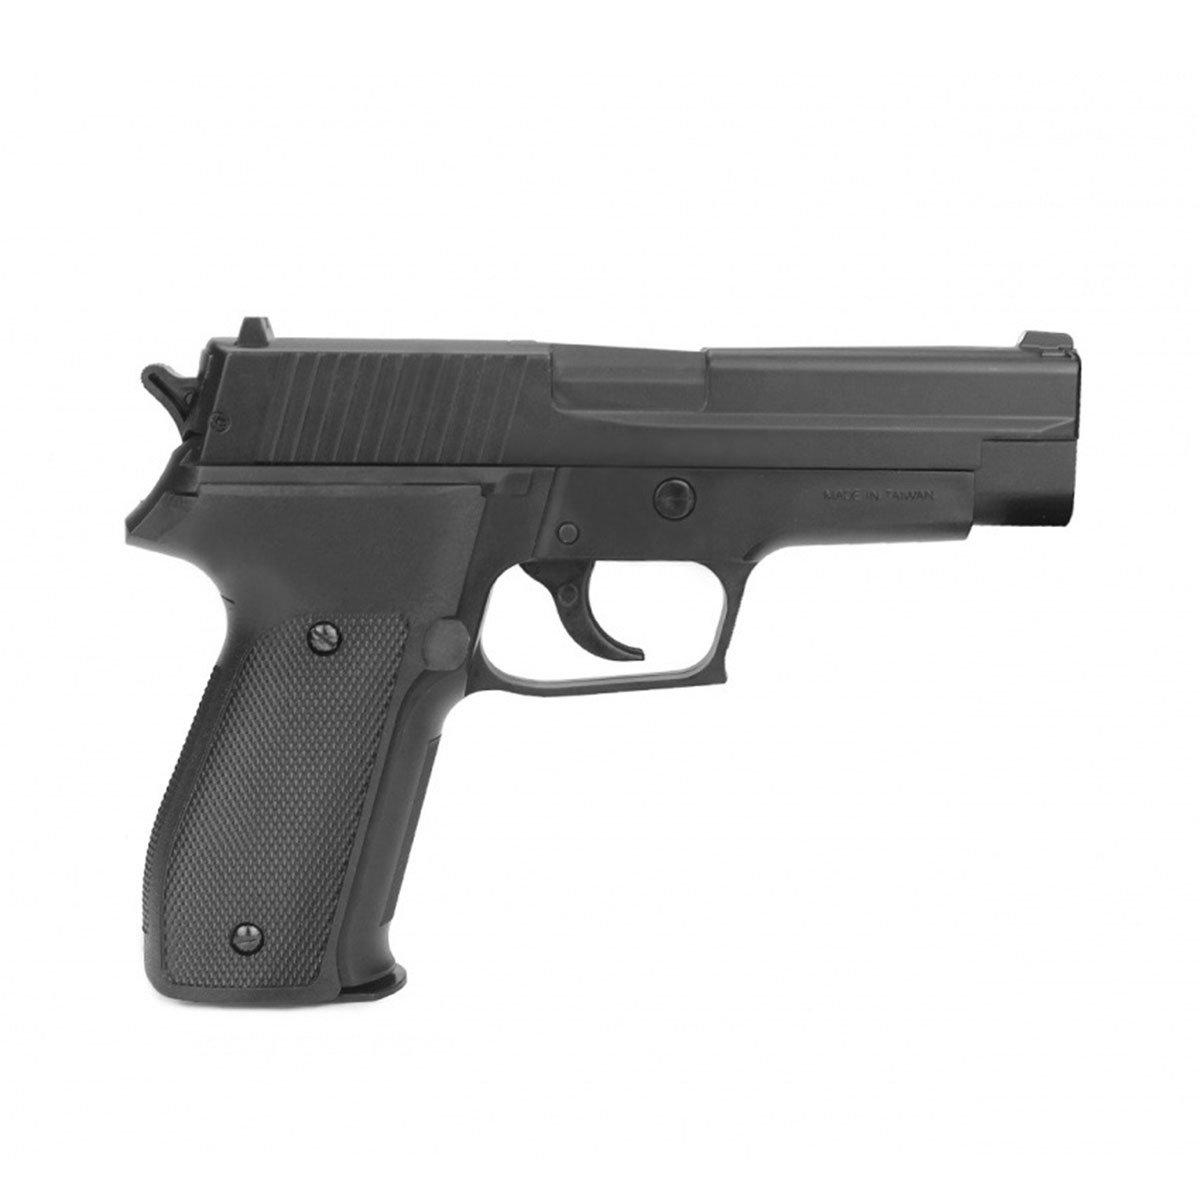 Pistola de Pressao Spring KWC P226 Mola Metal 4,5mm